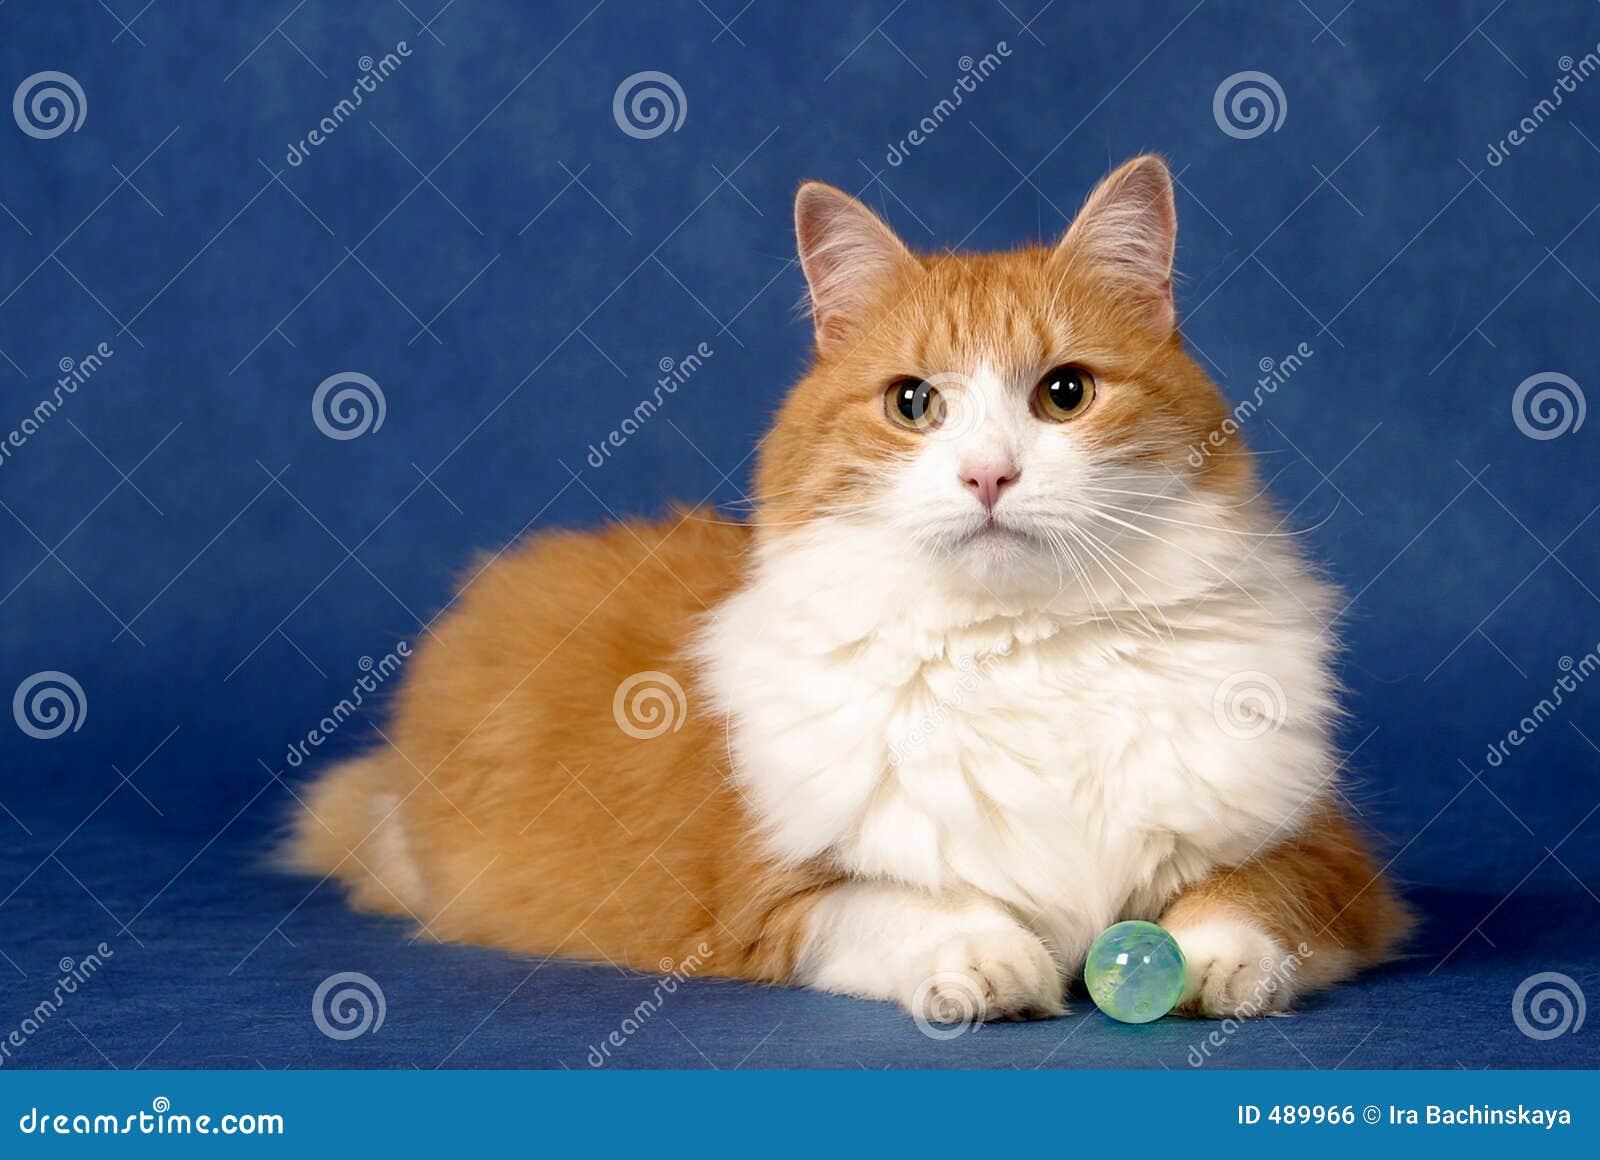 мистик кота